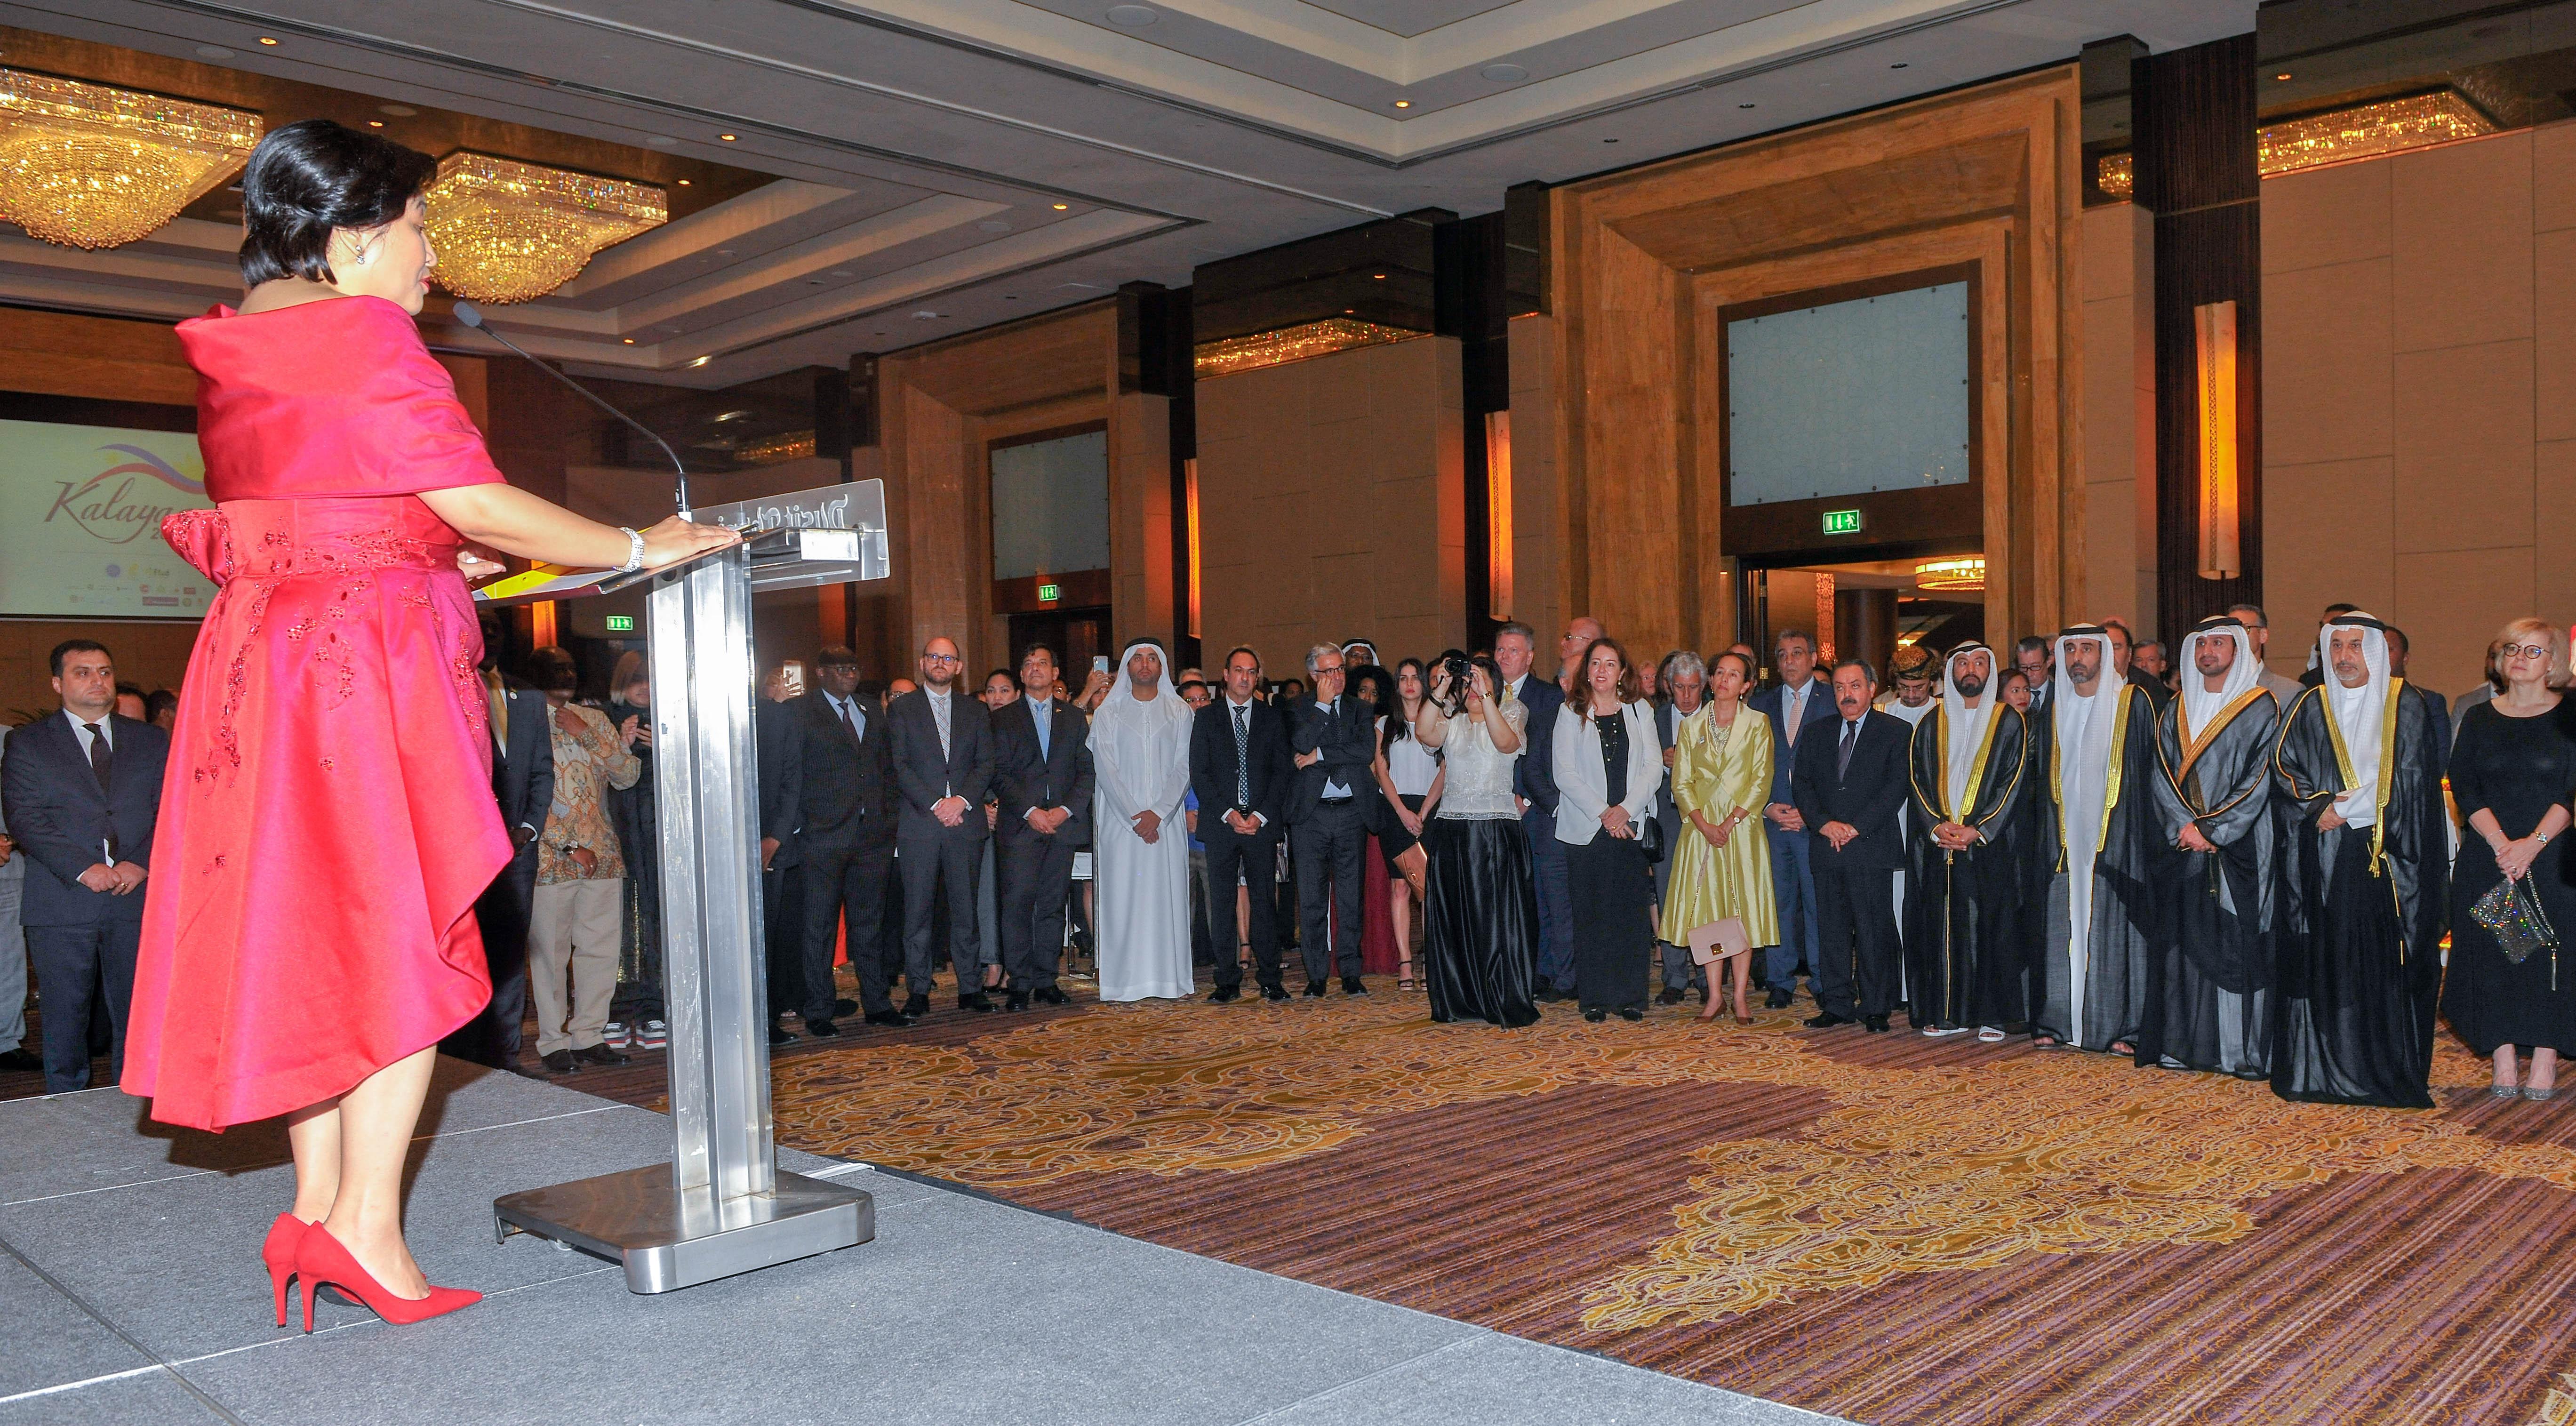 وكيل وزارة الخارجية يحضر حفل سفارة الفلبين بمناسبة اليوم الوطني